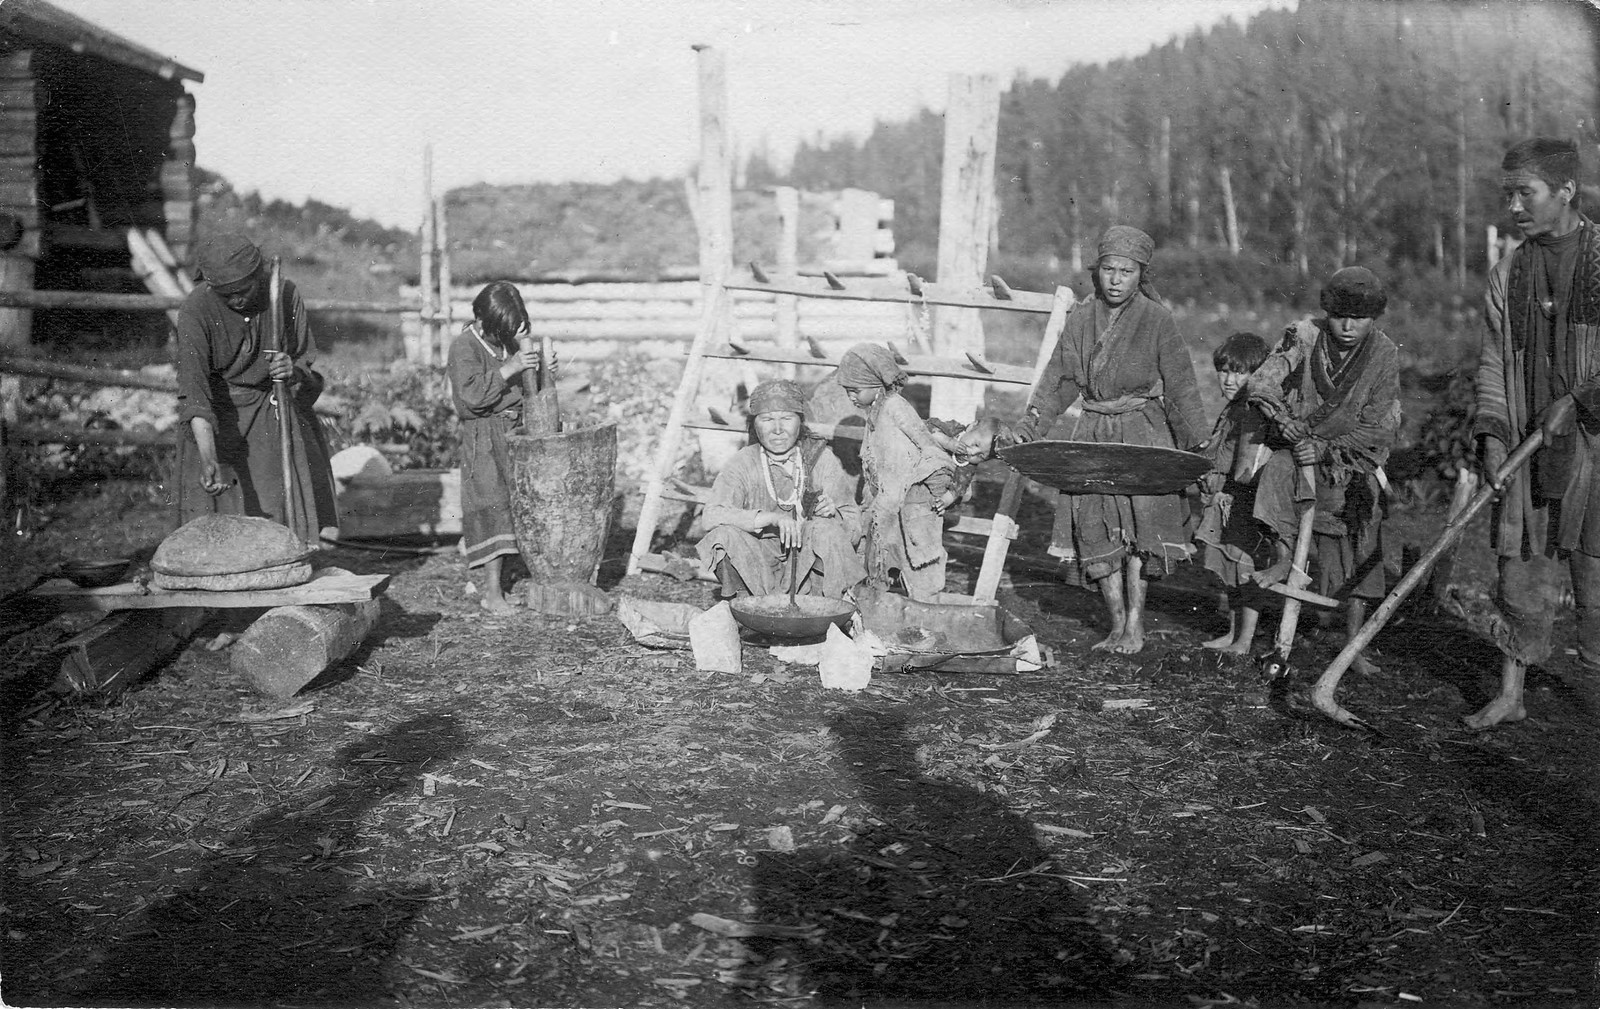 Шорцы демонстрируют основные орудия для обработки земли (мотыга - «абыл», борона) и зерна (ручная веялка, ступа, жернова).